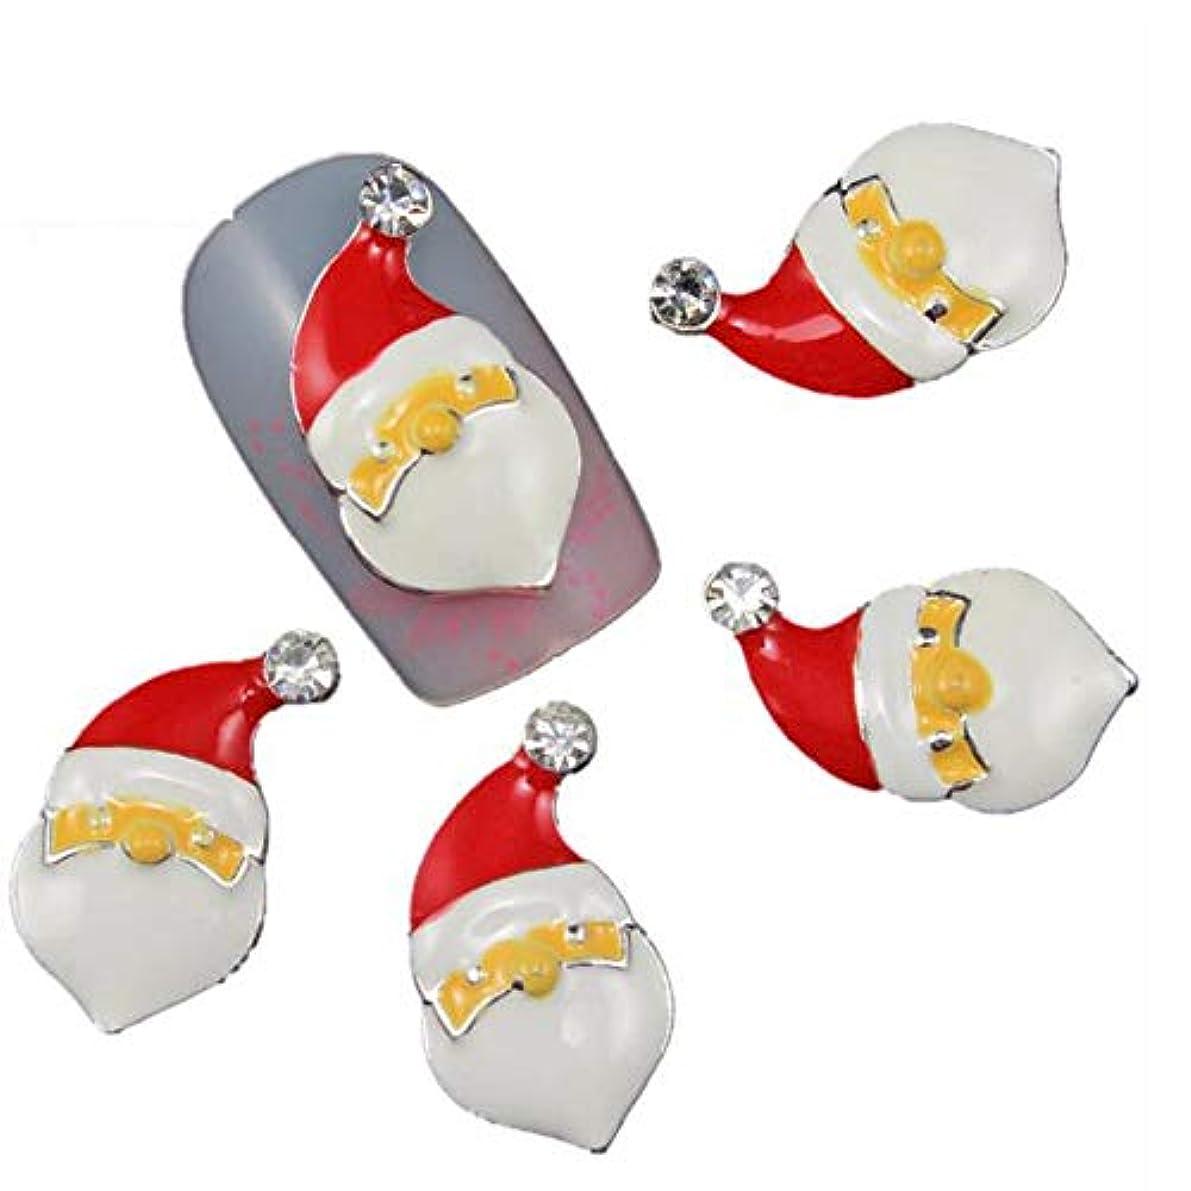 メイエラスリル露チャームの釘のために10個/ロット3Dクリスマスネイルアートクラシックサンタクロースデザインマニキュアの装飾のクリスタルラインストーン